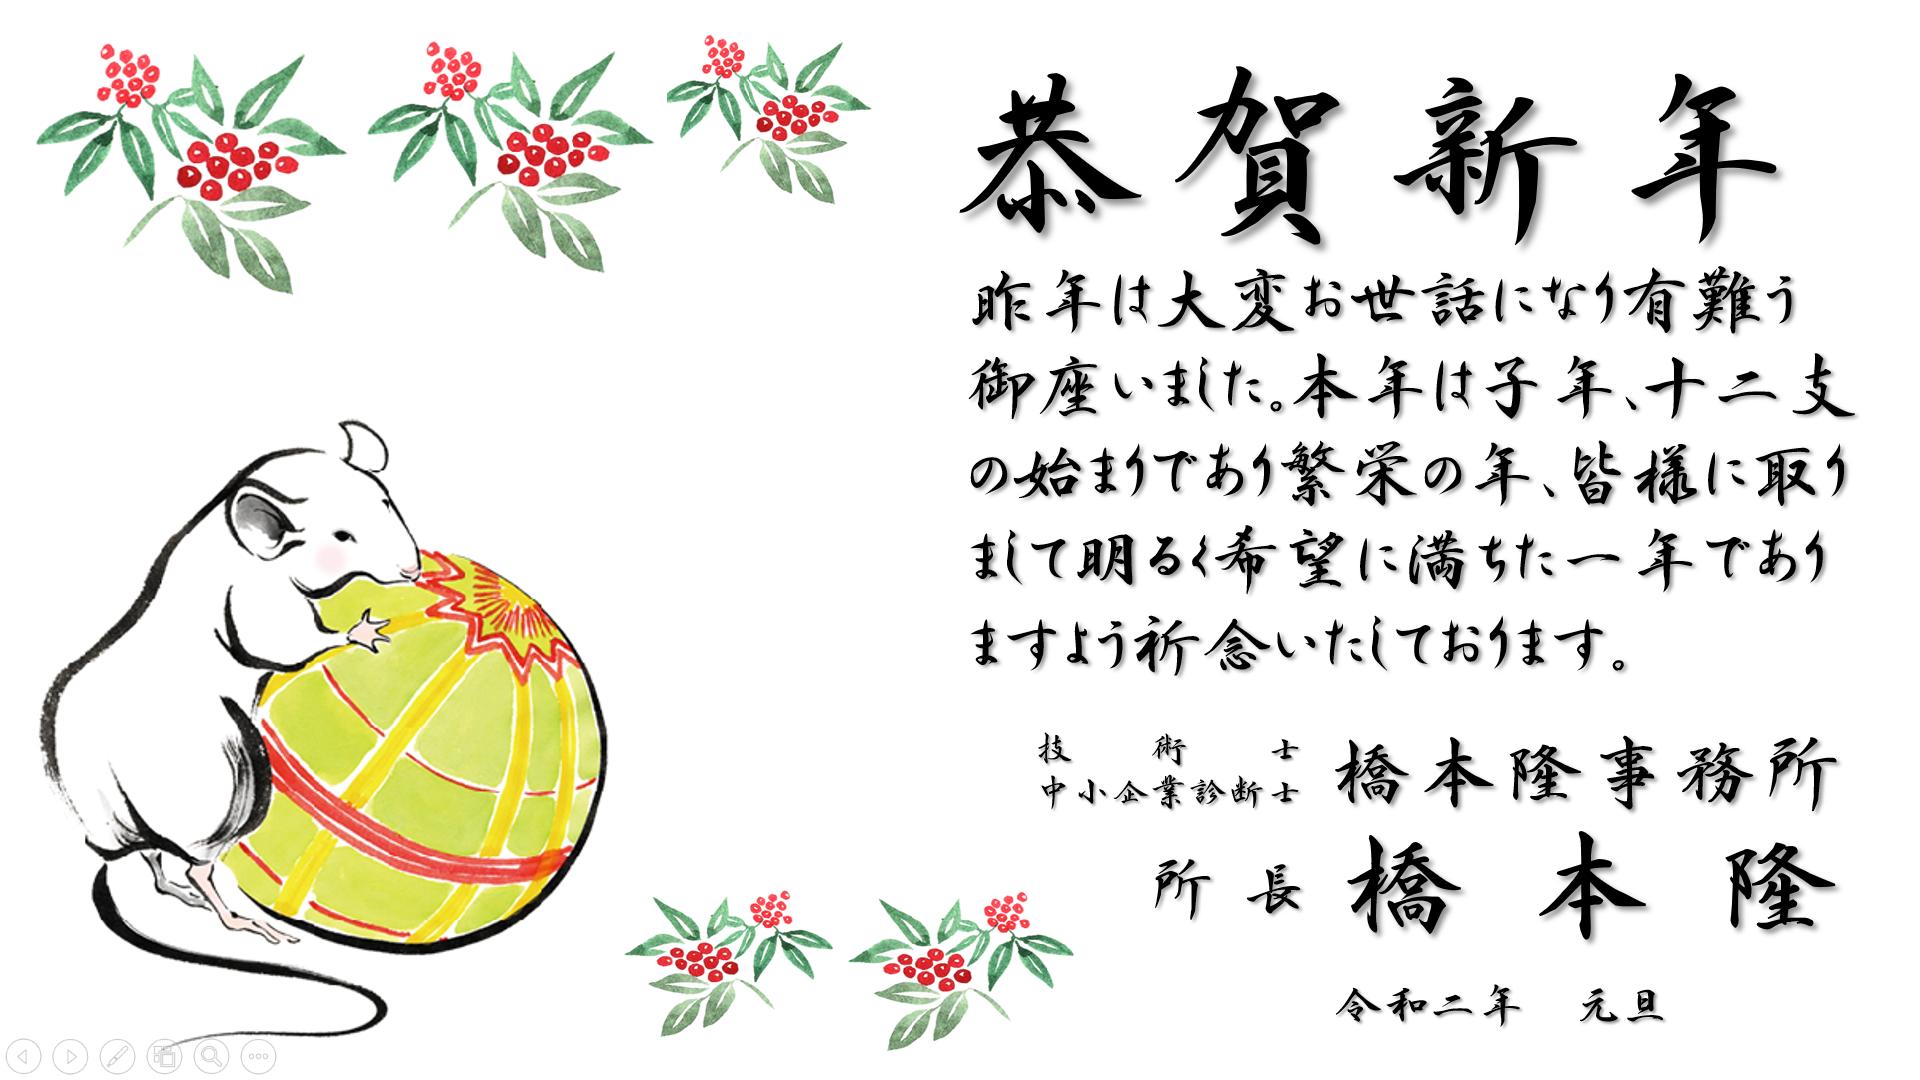 20_01_01_恭賀新年_ホームページ_AA